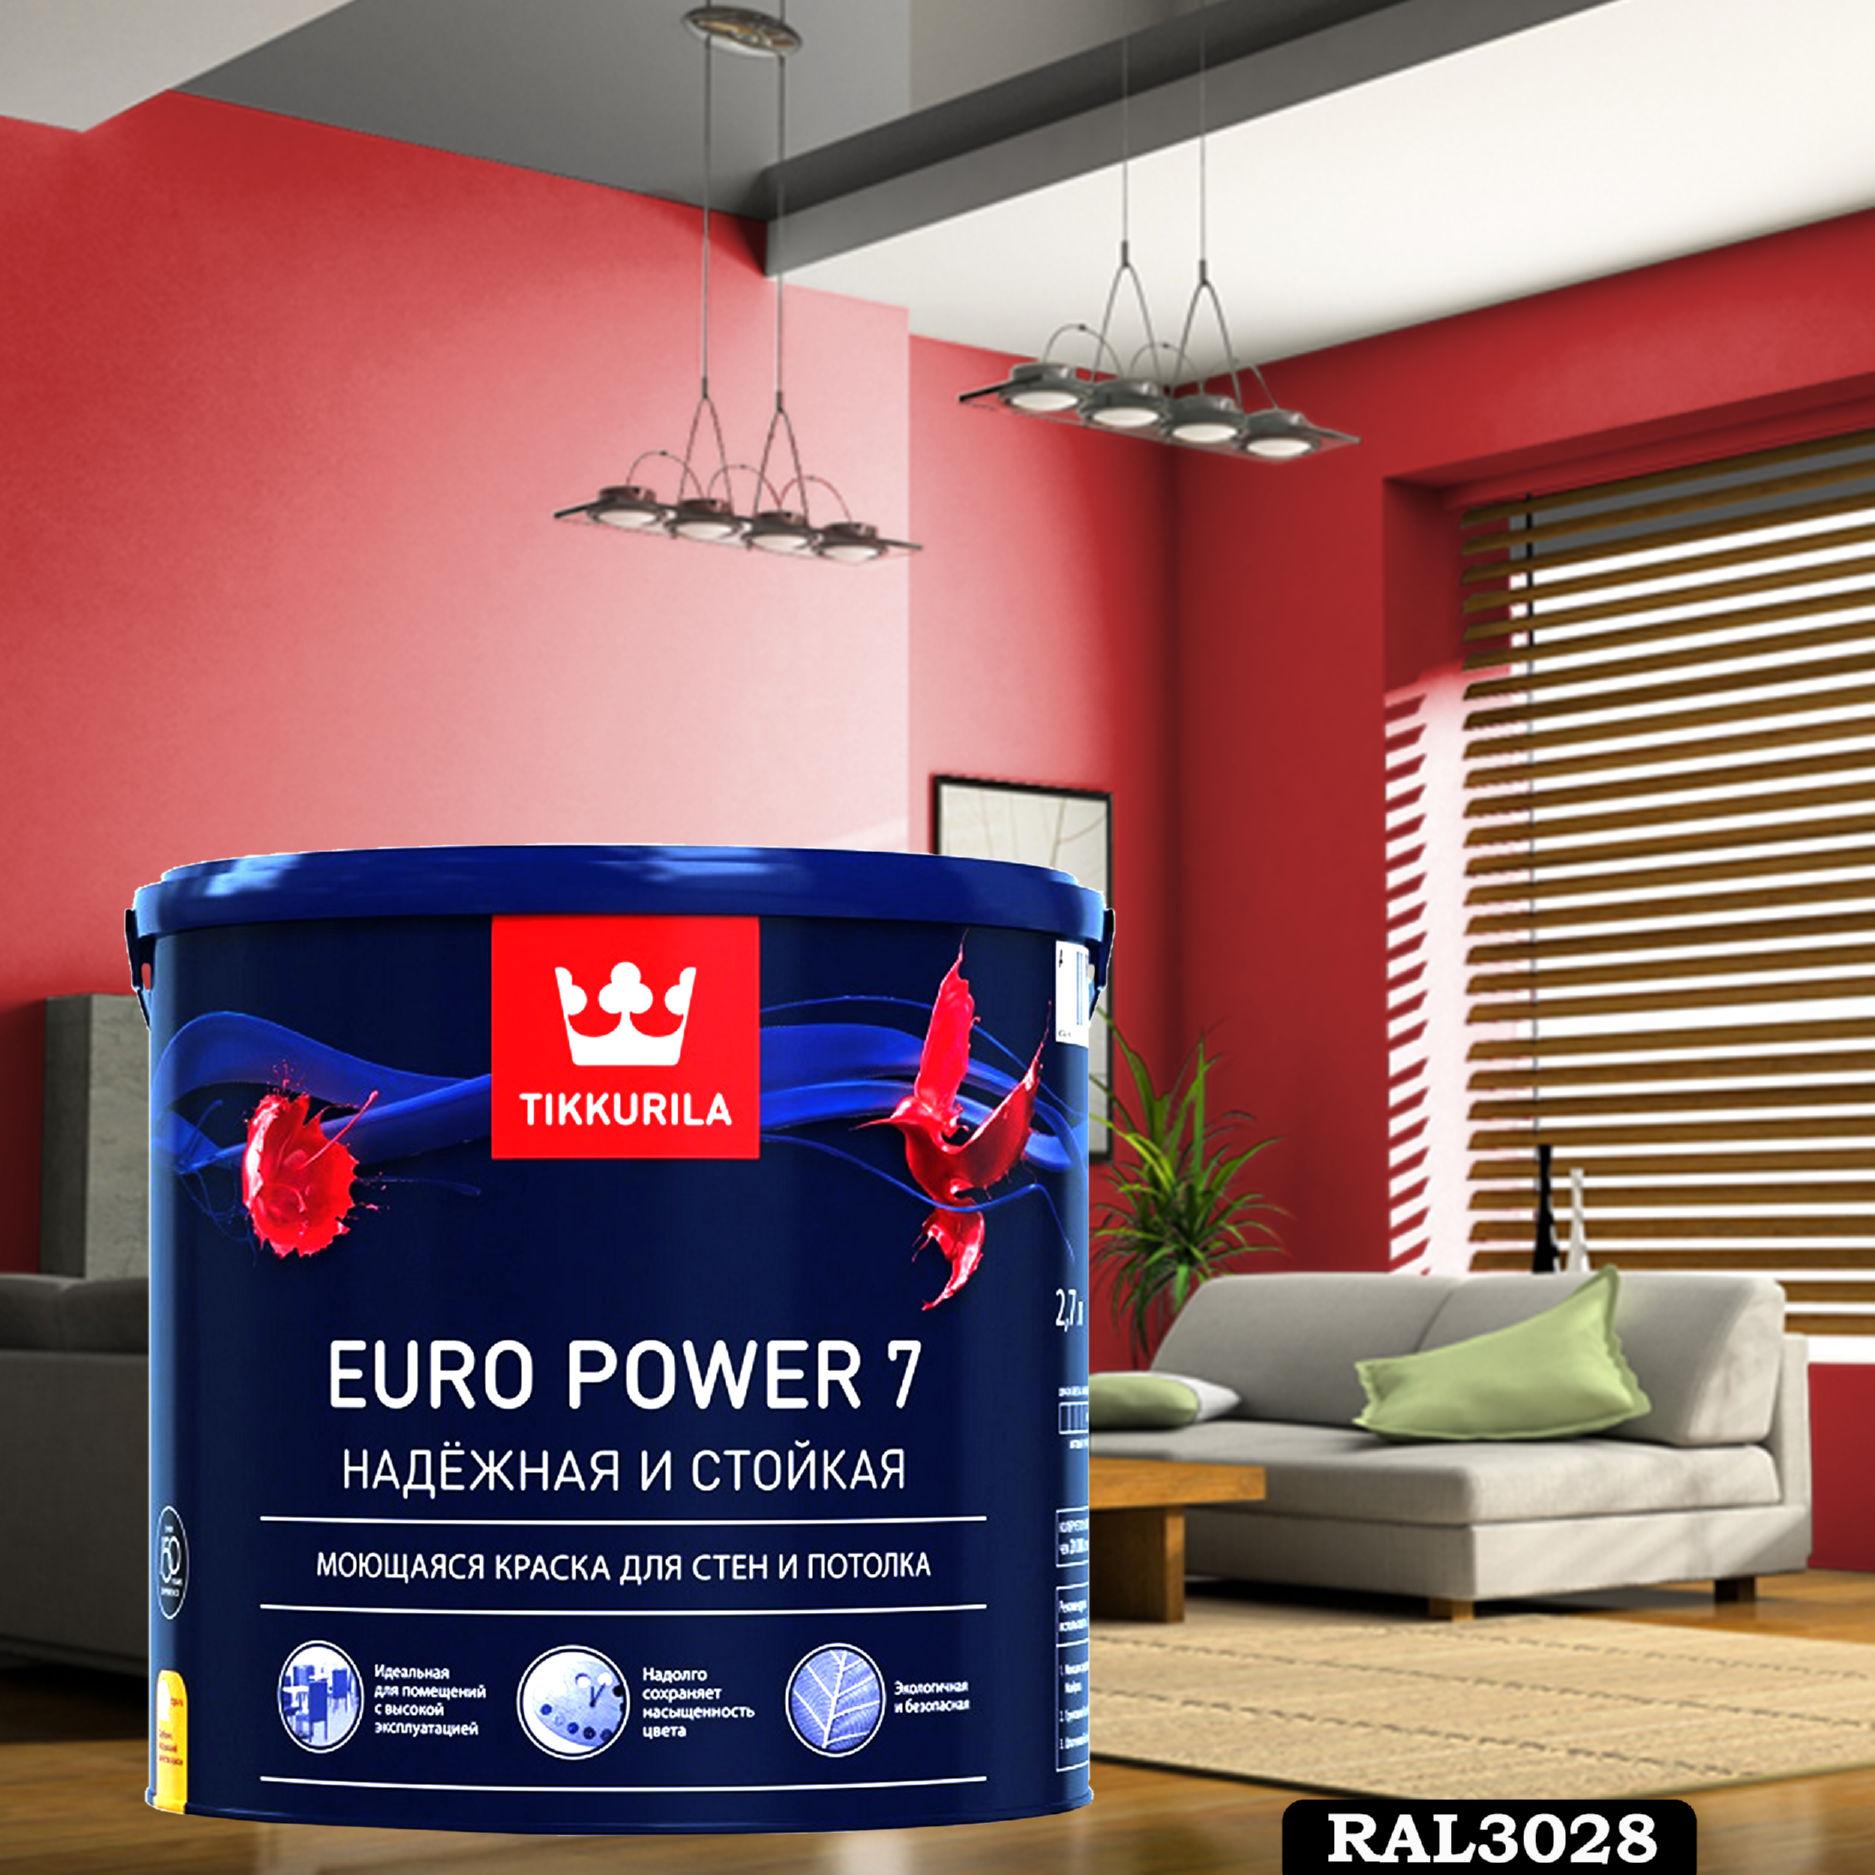 Фото 20 - Краска TIKKURILA Euro Power 7,  RAL 3028 Красный, латексная моющаяся матовая интерьерная, 9 л.